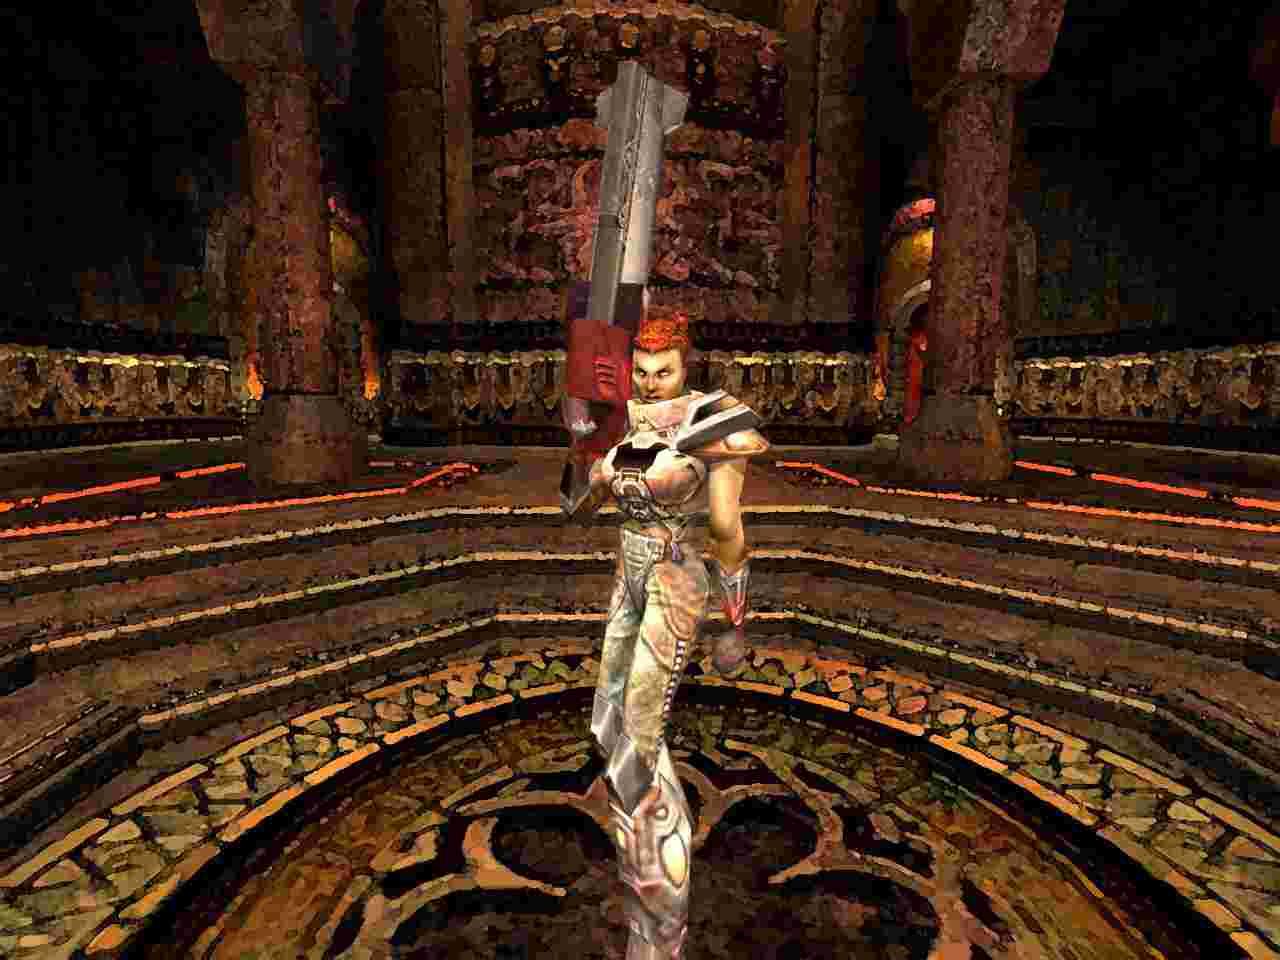 Free download Quake III Arena 0236 wallpaper Quake III Arena